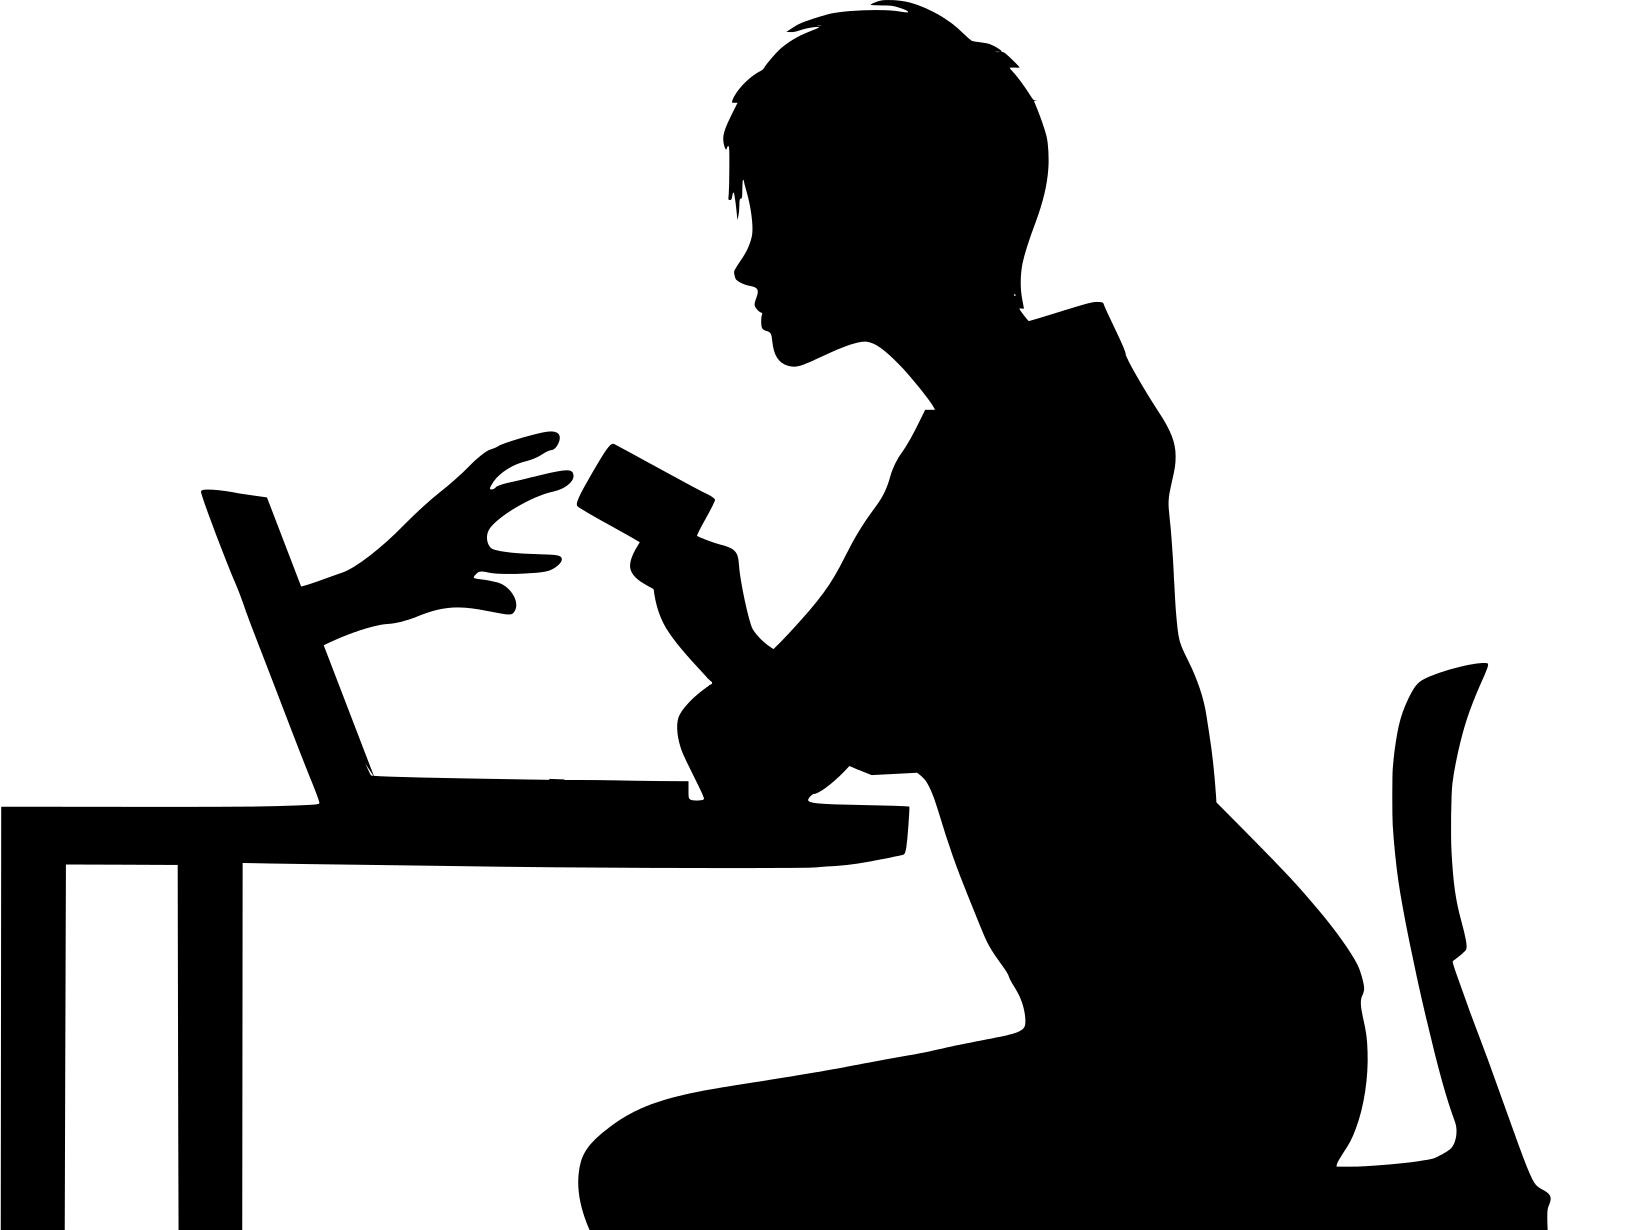 Is Blitzcrank Store a Scam or an Untrustworthy Online Shop?